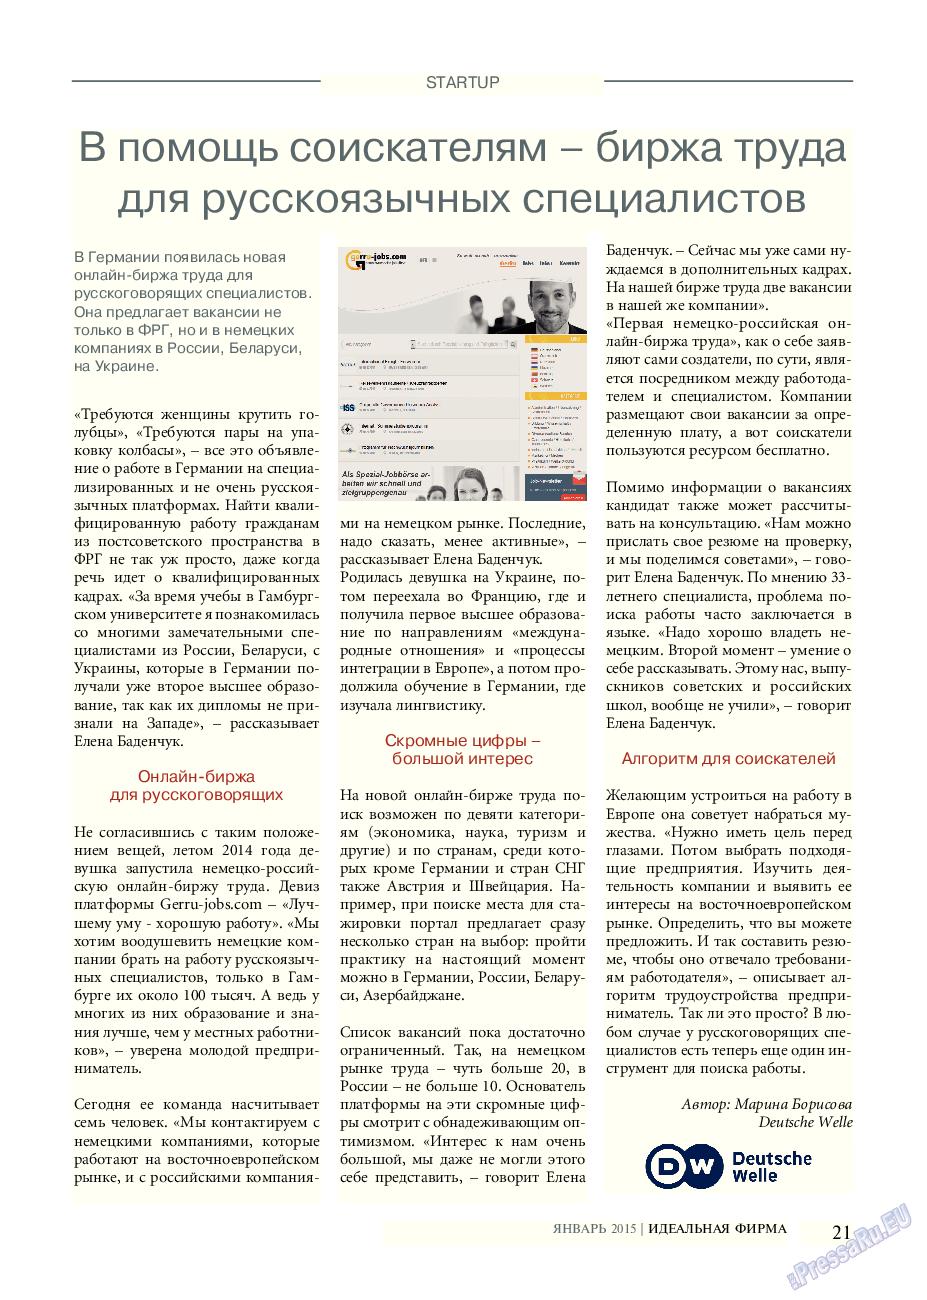 Идеальная фирма (журнал). 2015 год, номер 1, стр. 21